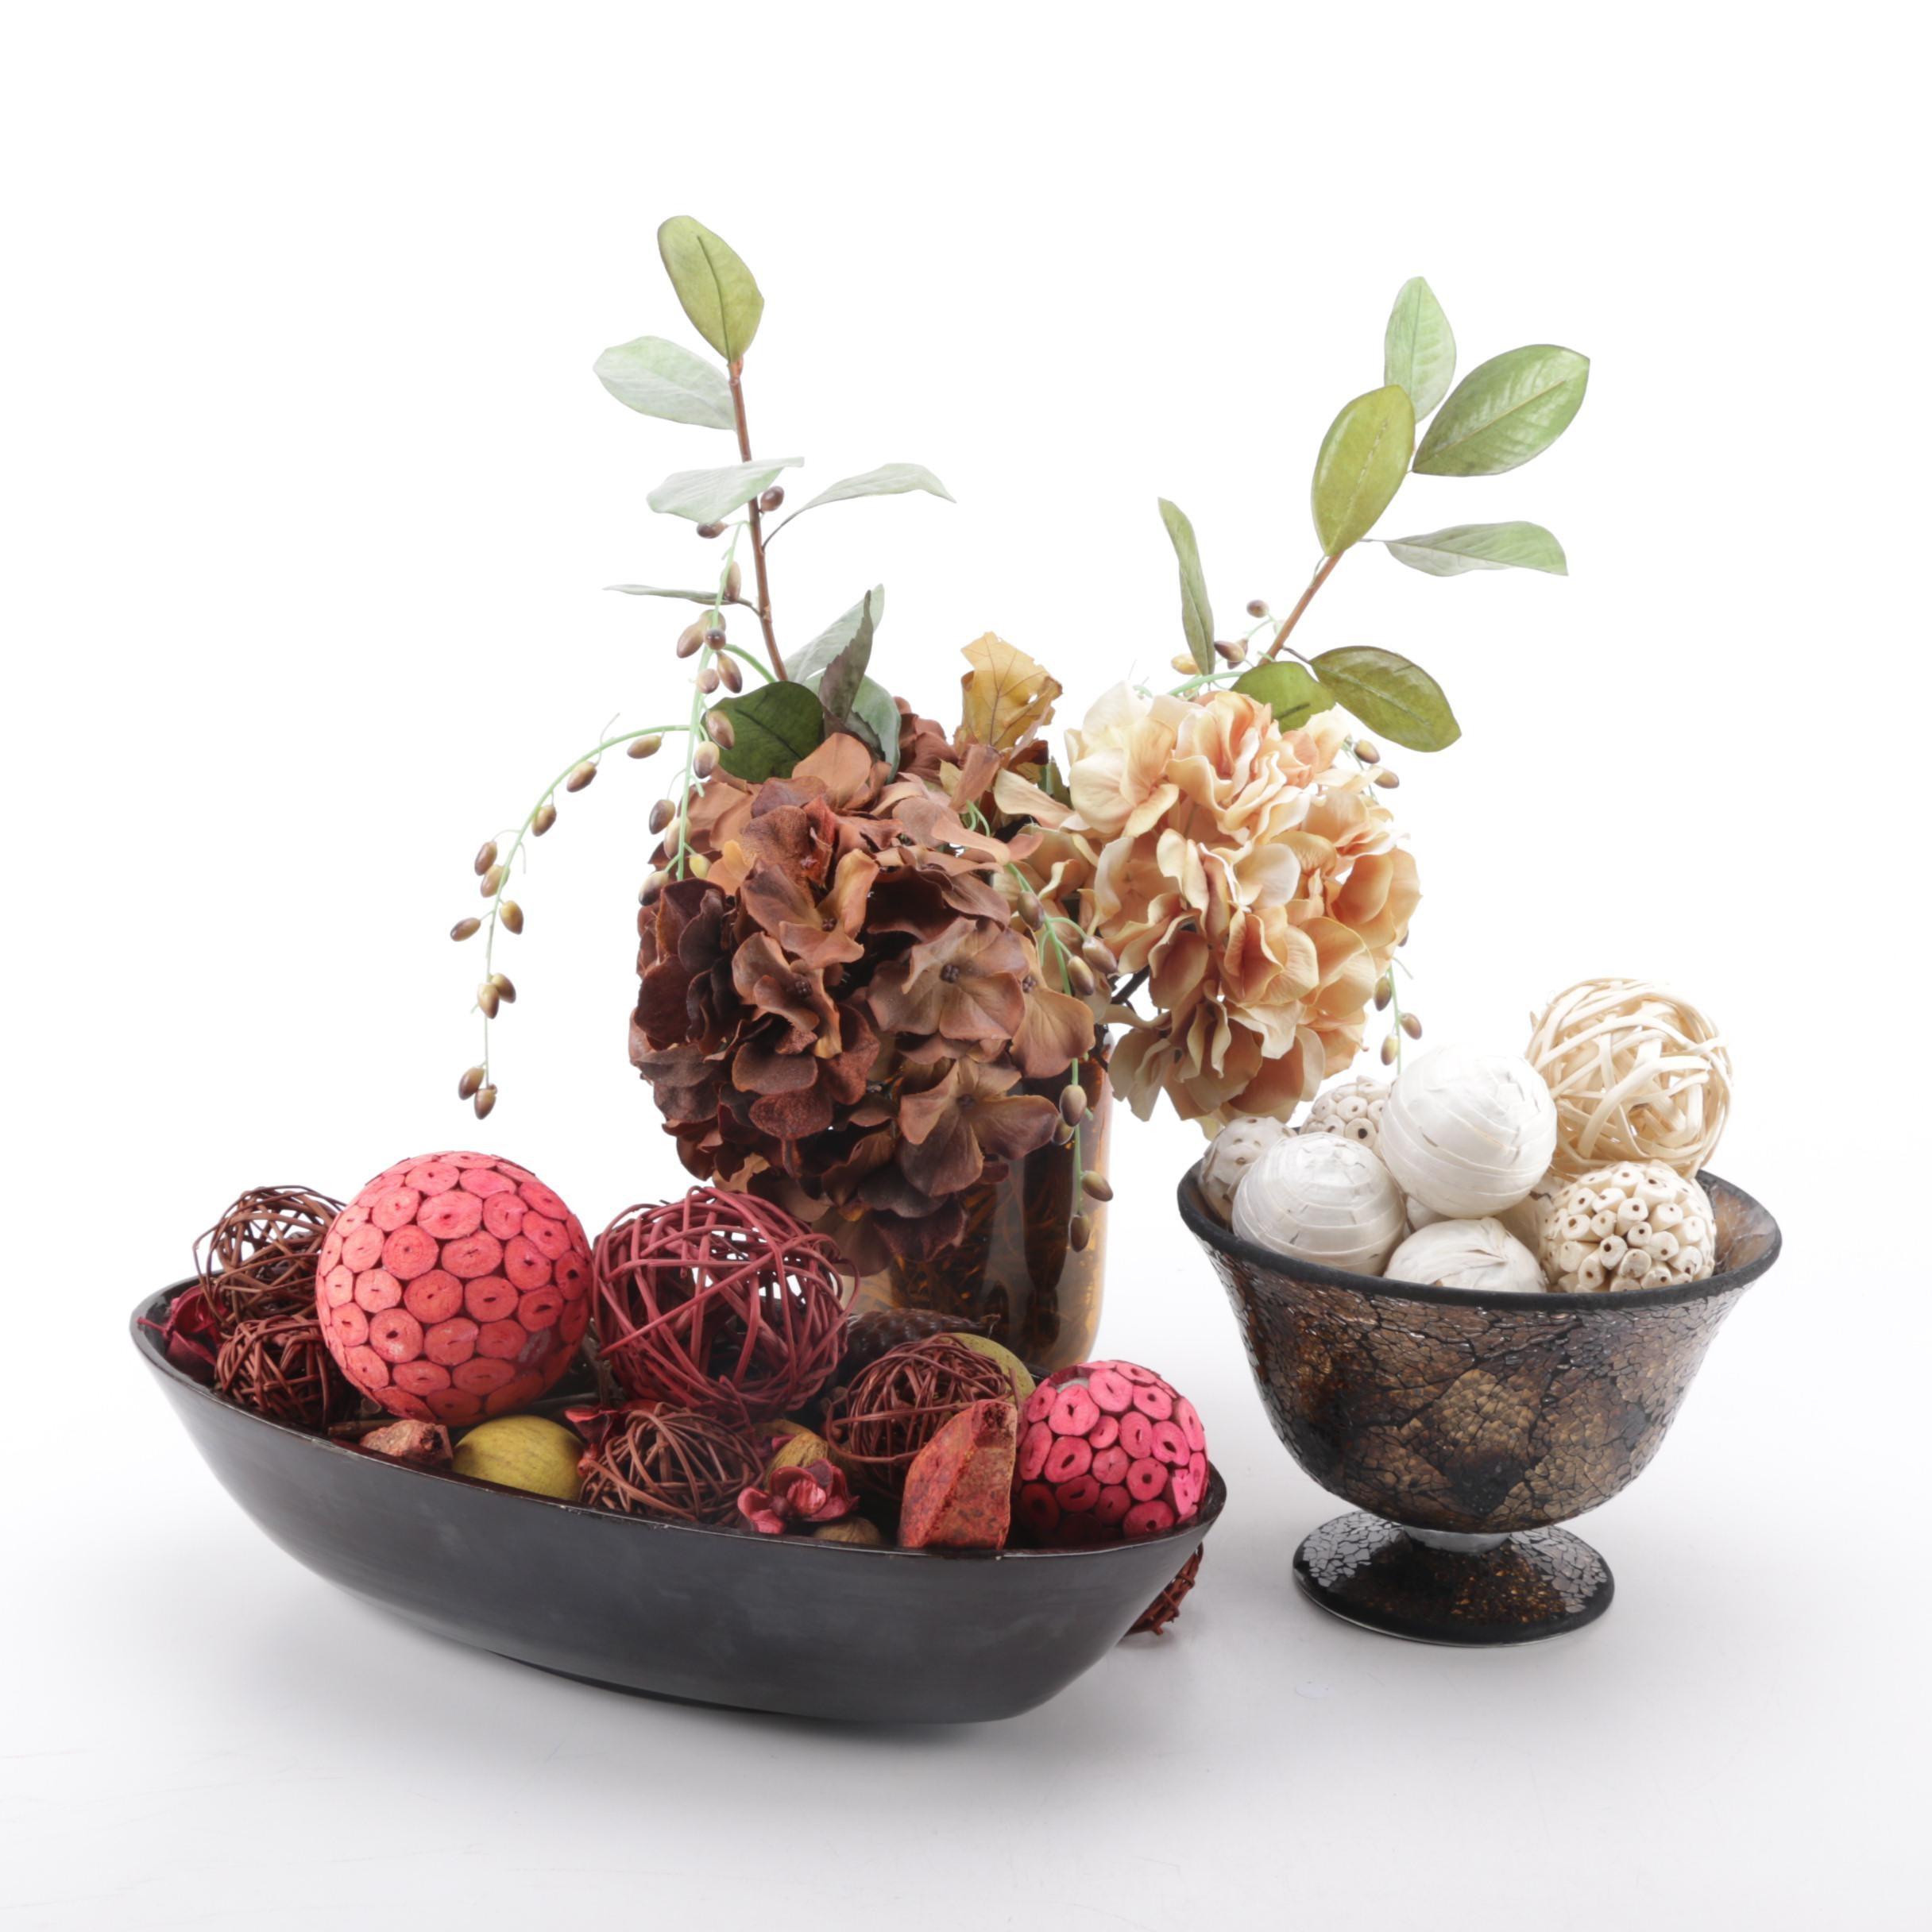 Decorative Floral Decor Centerpieces